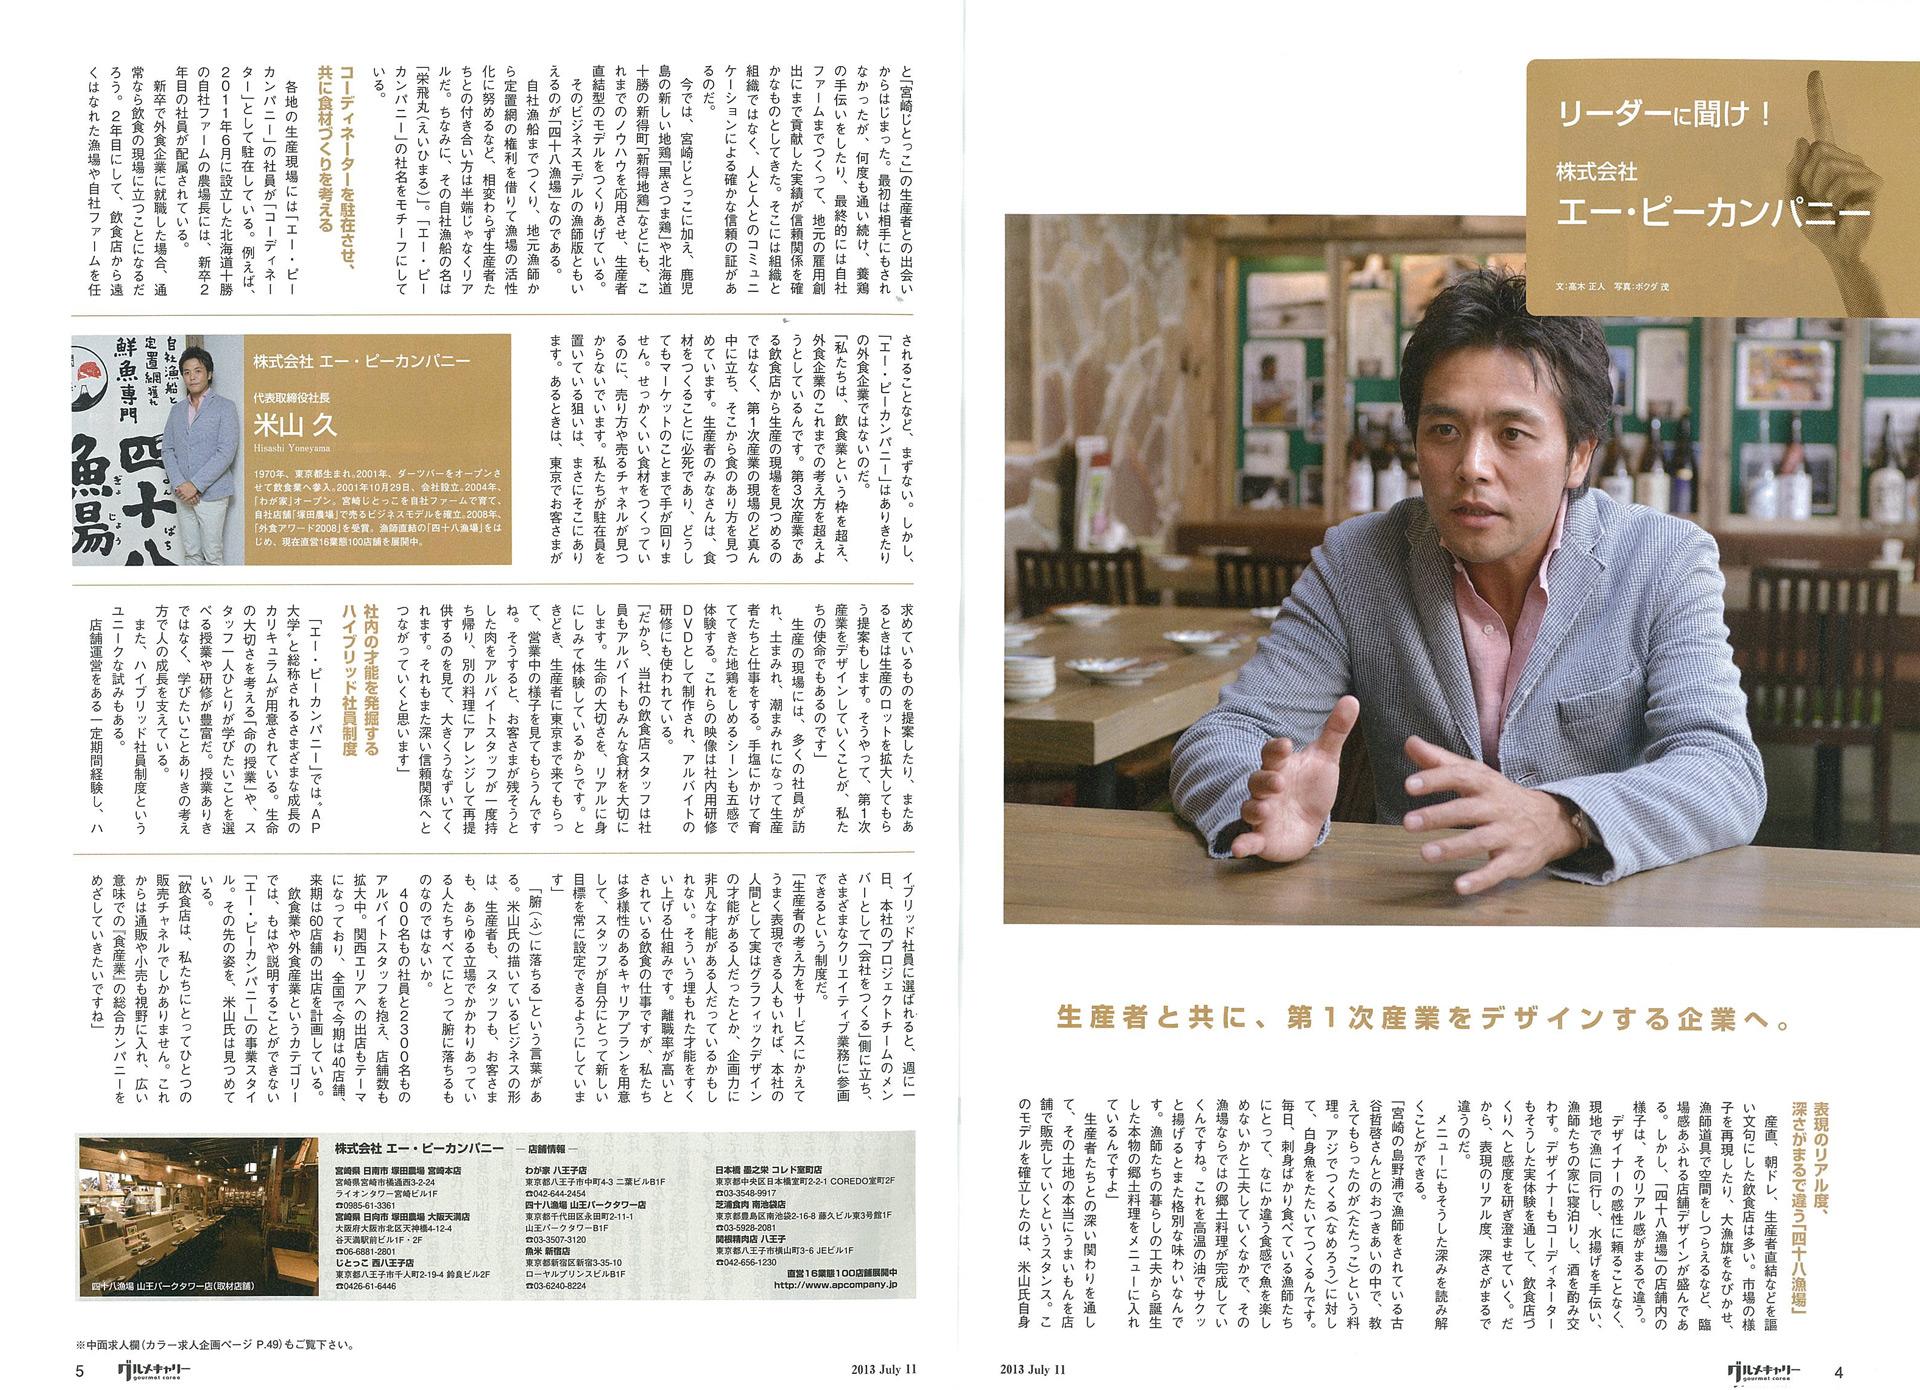 http://www.apcompany.jp/media/img-702174709.jpg